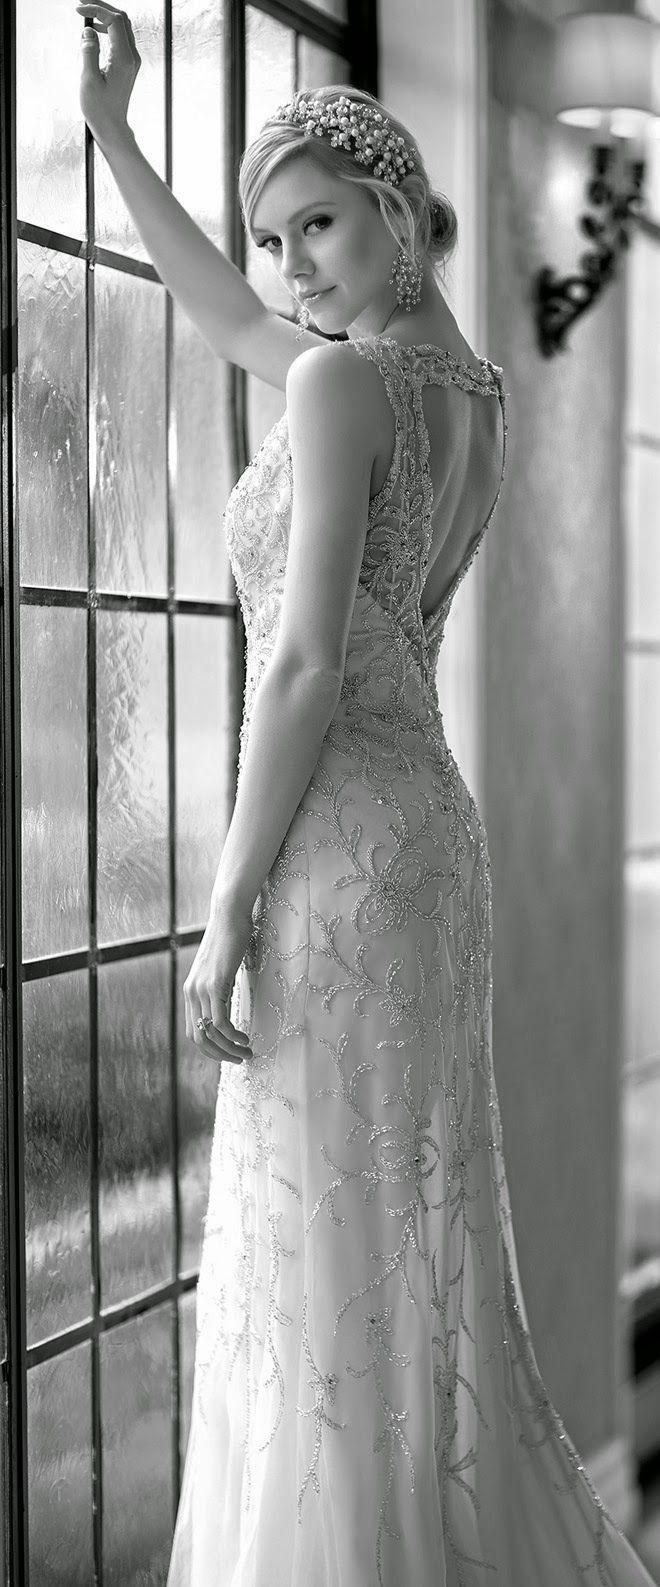 robe de mariée magnifique 015 et plus encore sur www.robe2mariage.eu